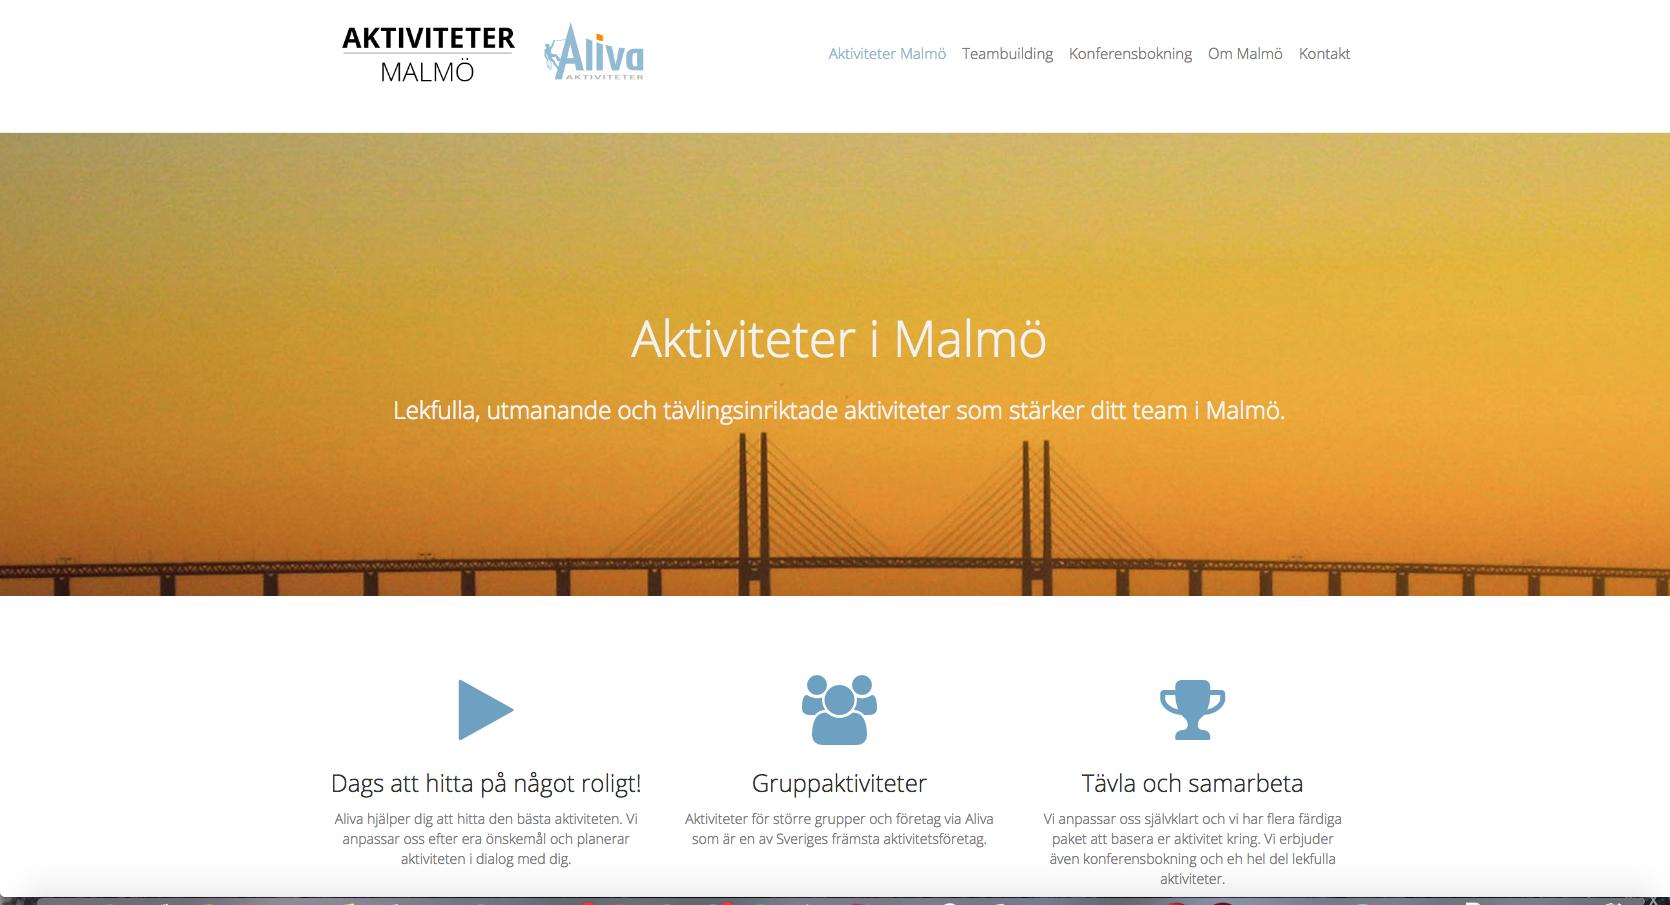 aktiviteter Malmö